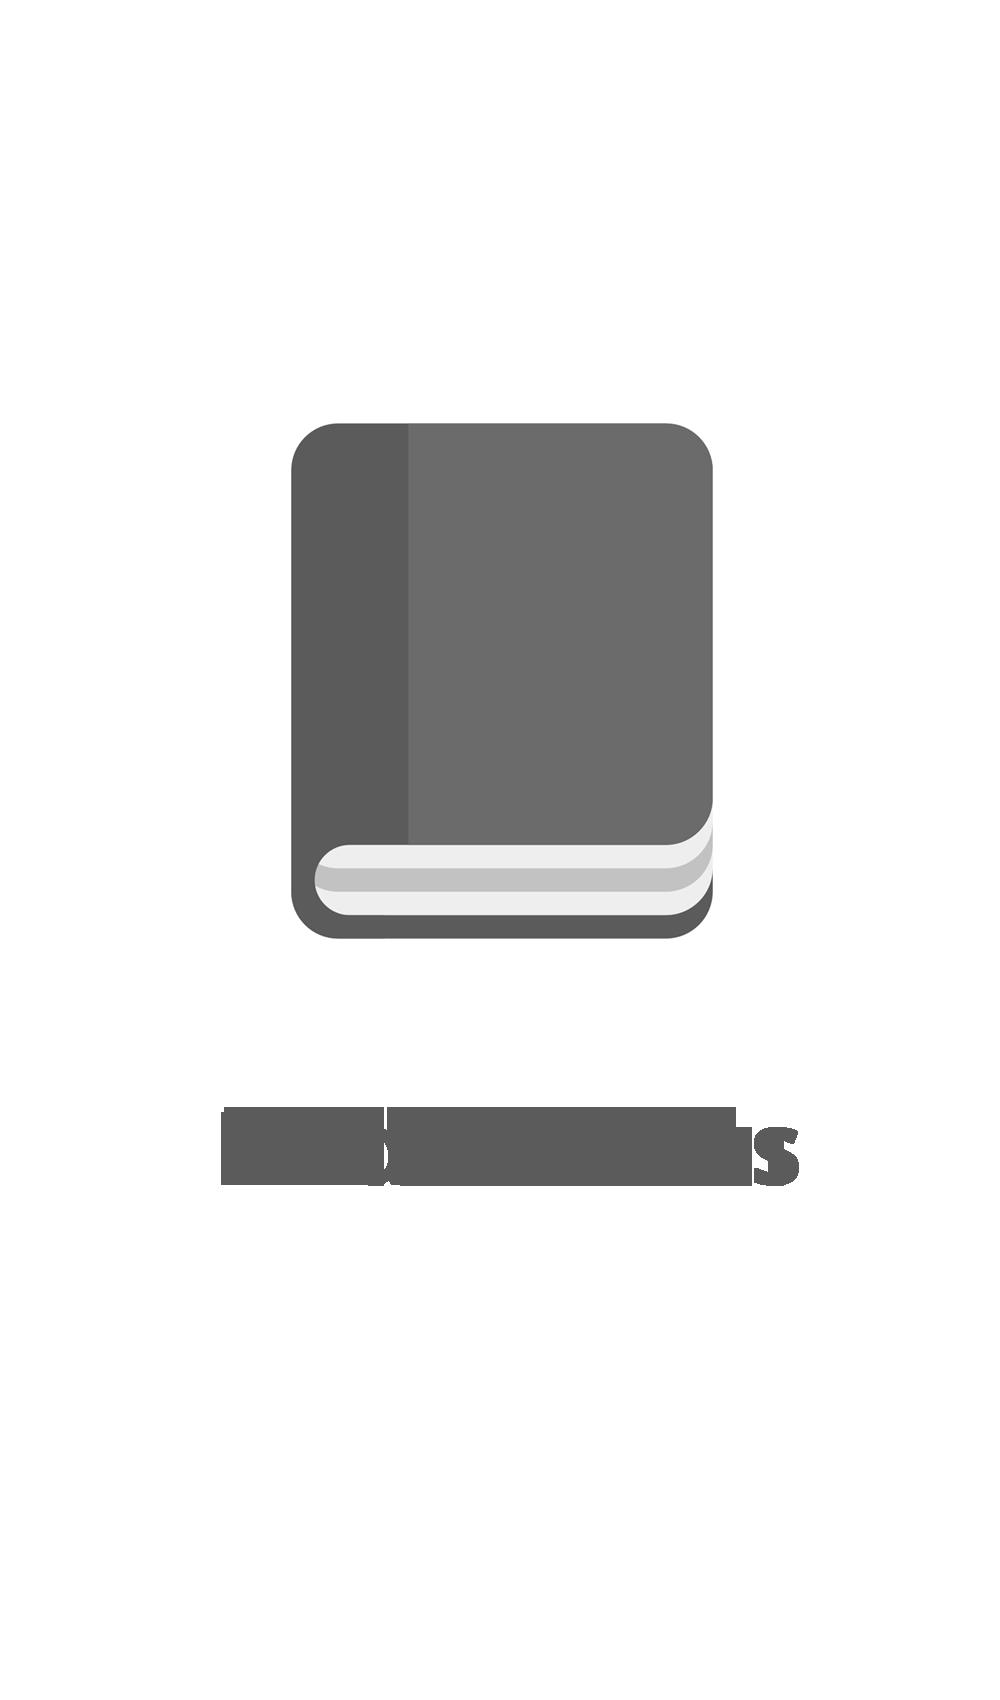 Iphone Wallet X (Dk Grey/Beige)